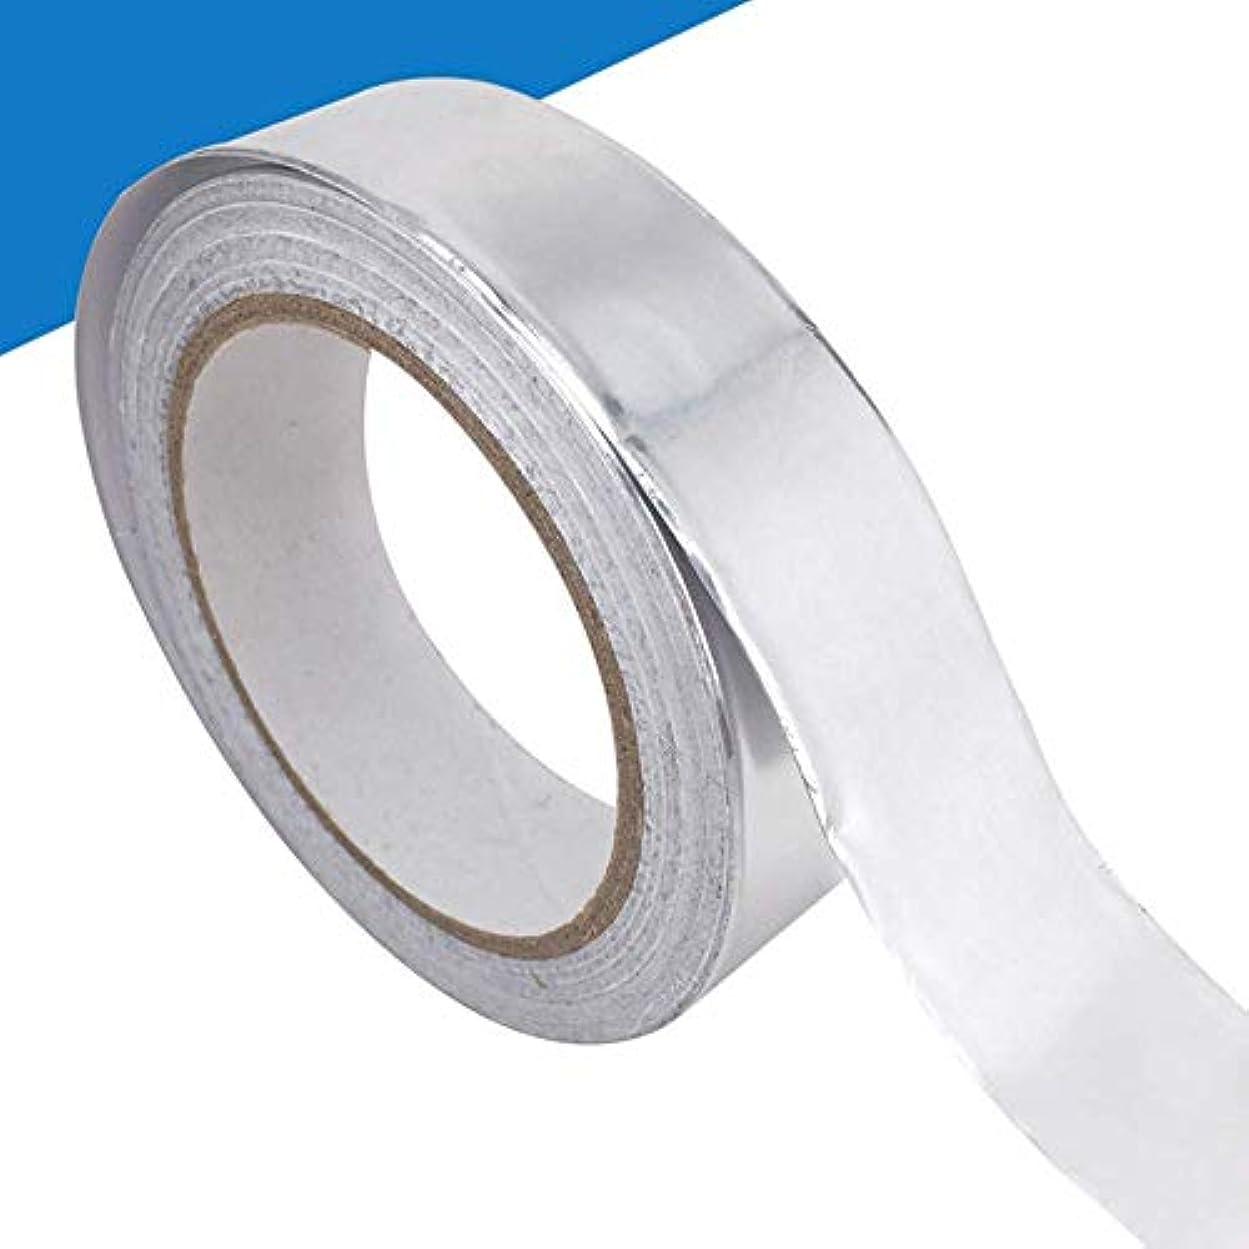 Simg 導電性アルミテープ アルミ箔テープ 放射線防護 耐熱性 防水 多機能 25mm幅x20m